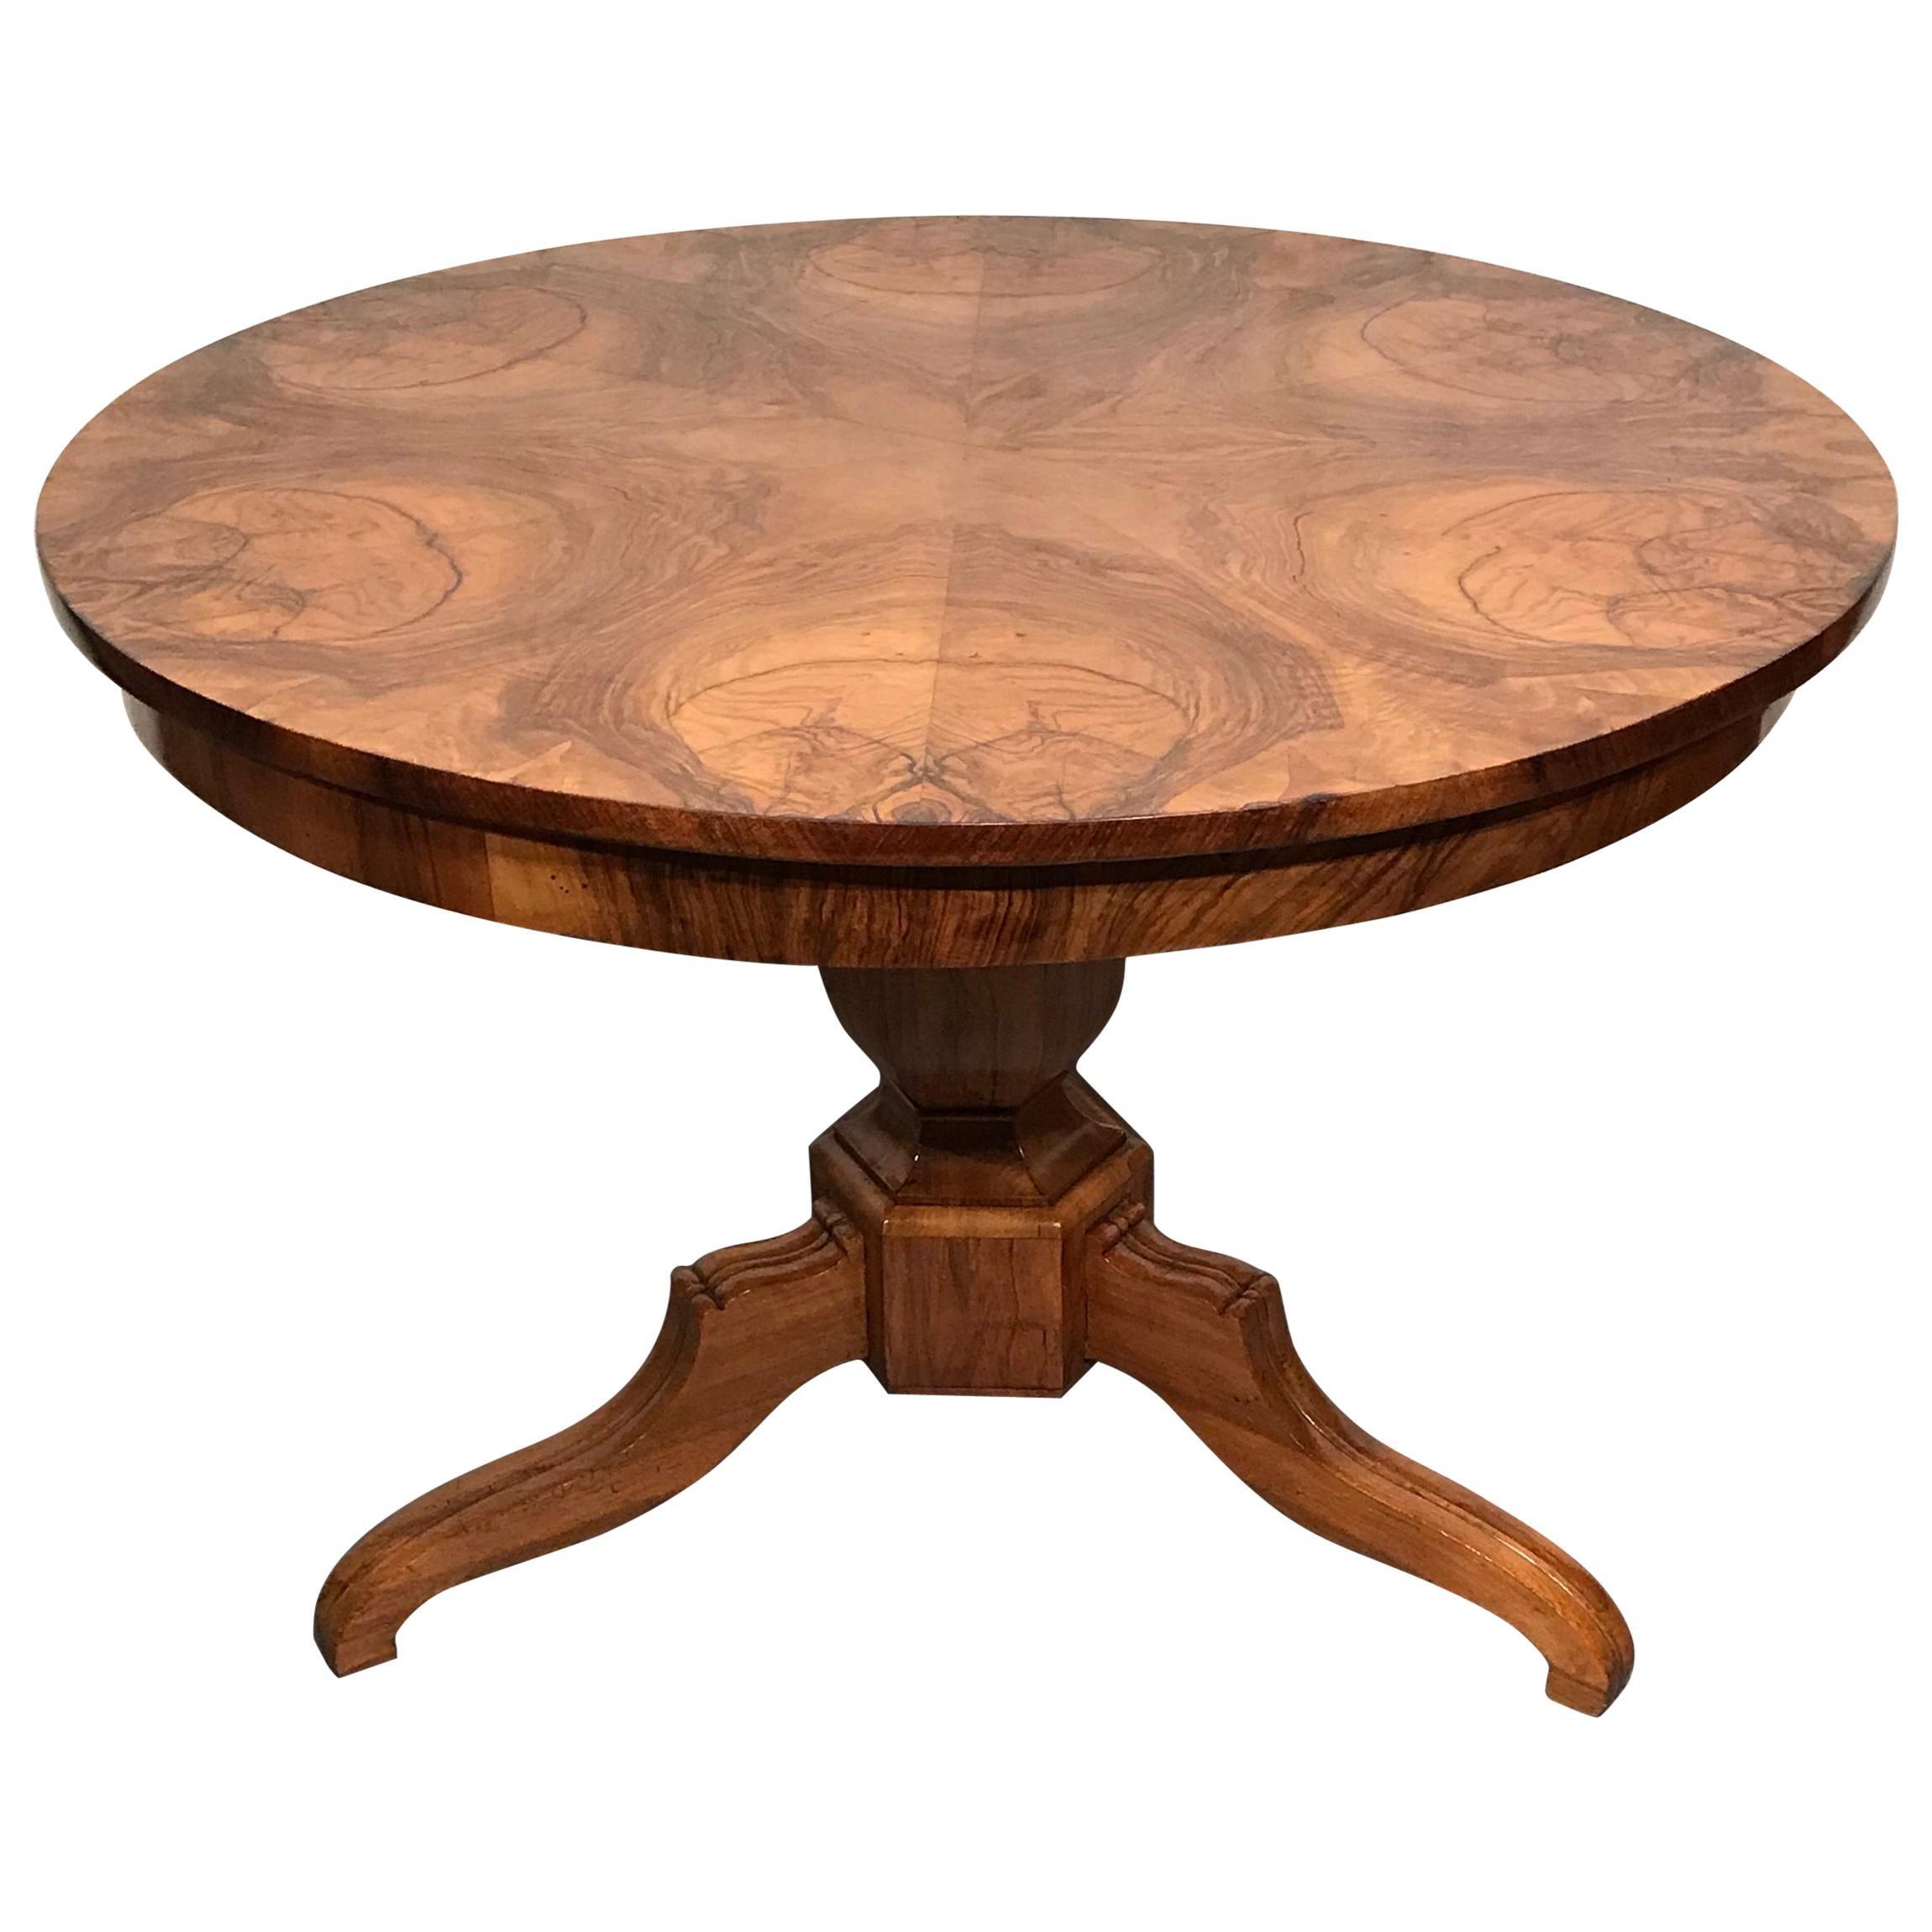 Biedermeier Table, South German, 1820-30